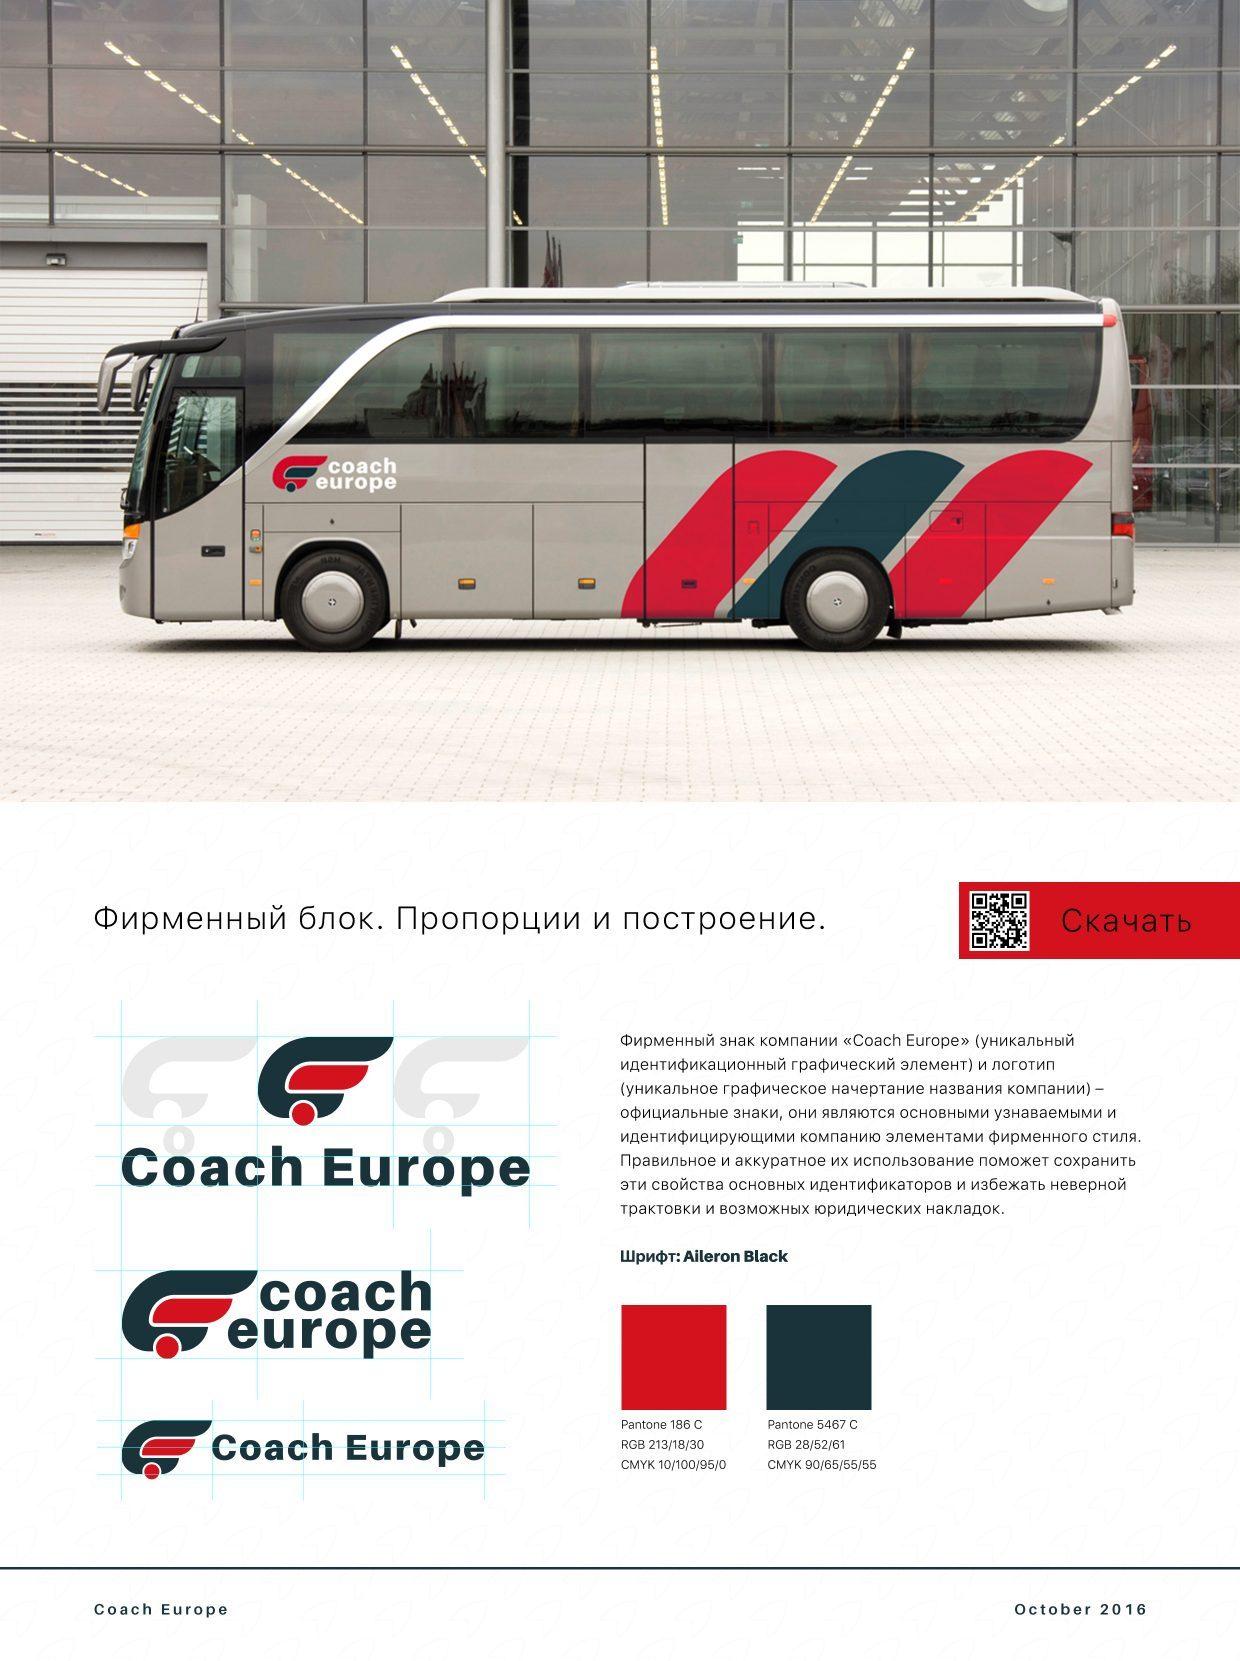 Логотип для автобуса